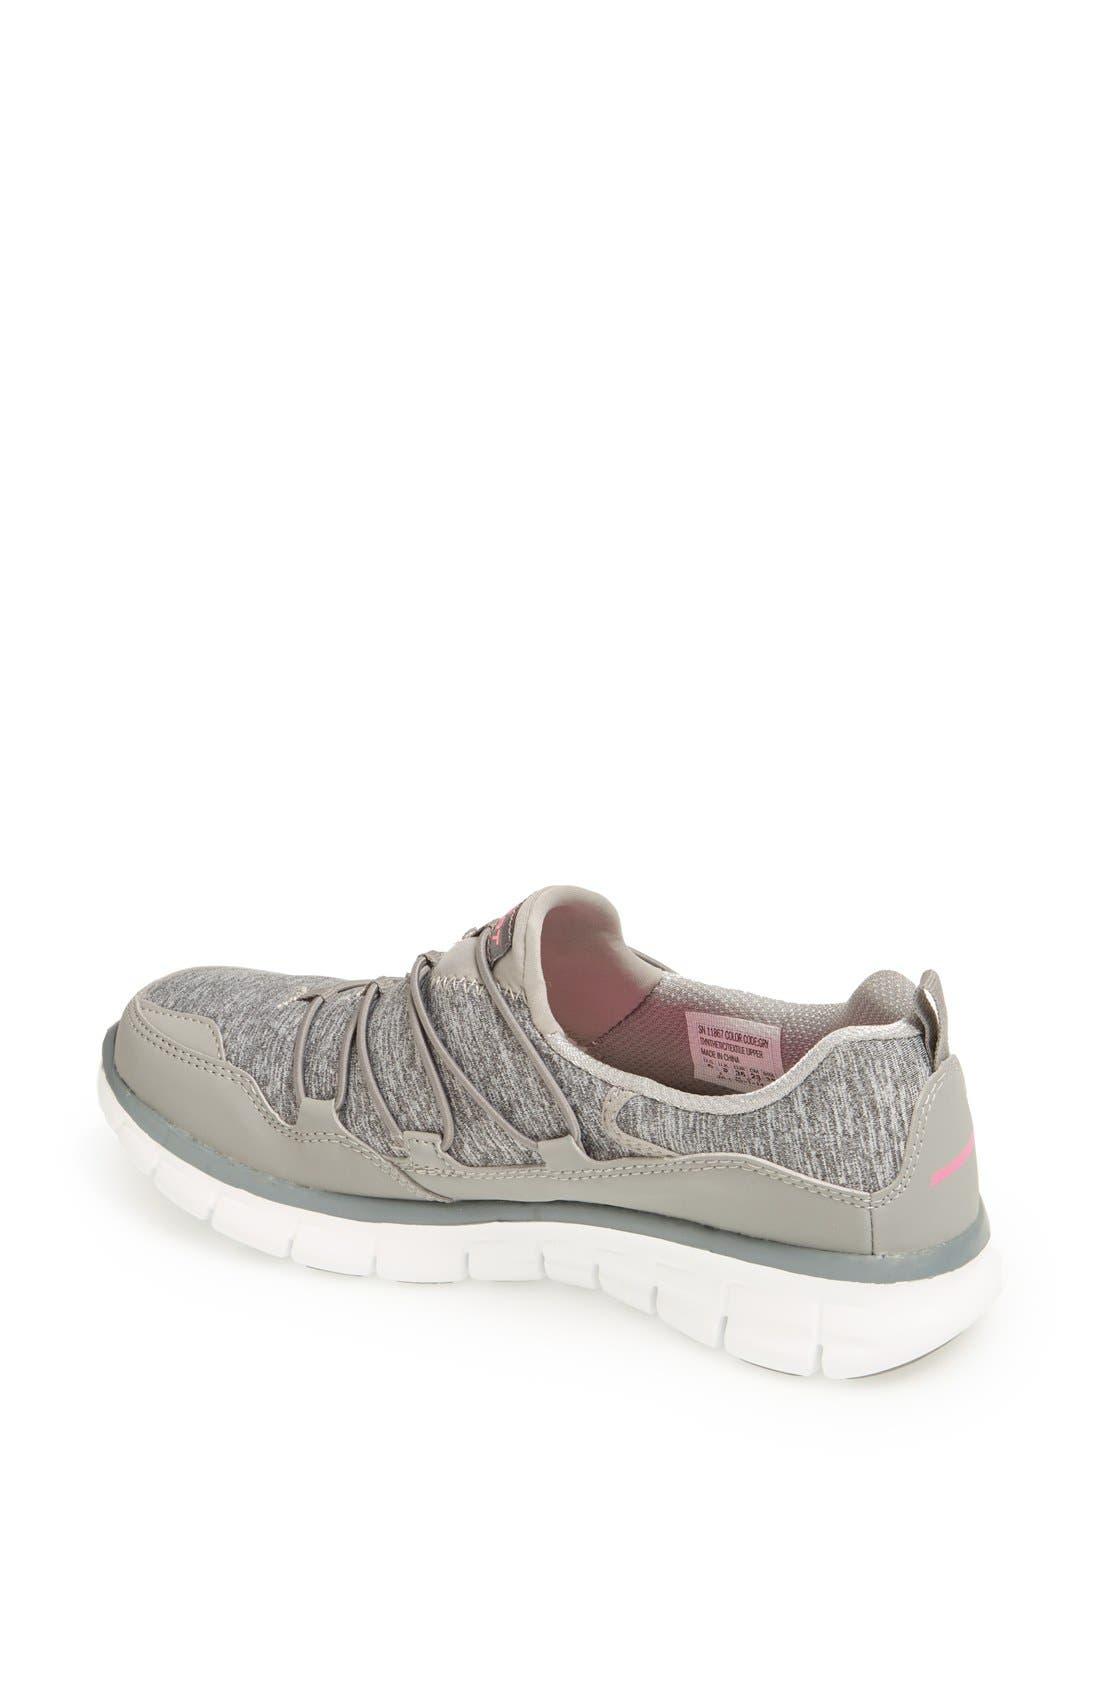 Alternate Image 2  - SKECHERS 'Flex Appeal - Asset Play' Walking Shoe (Women)